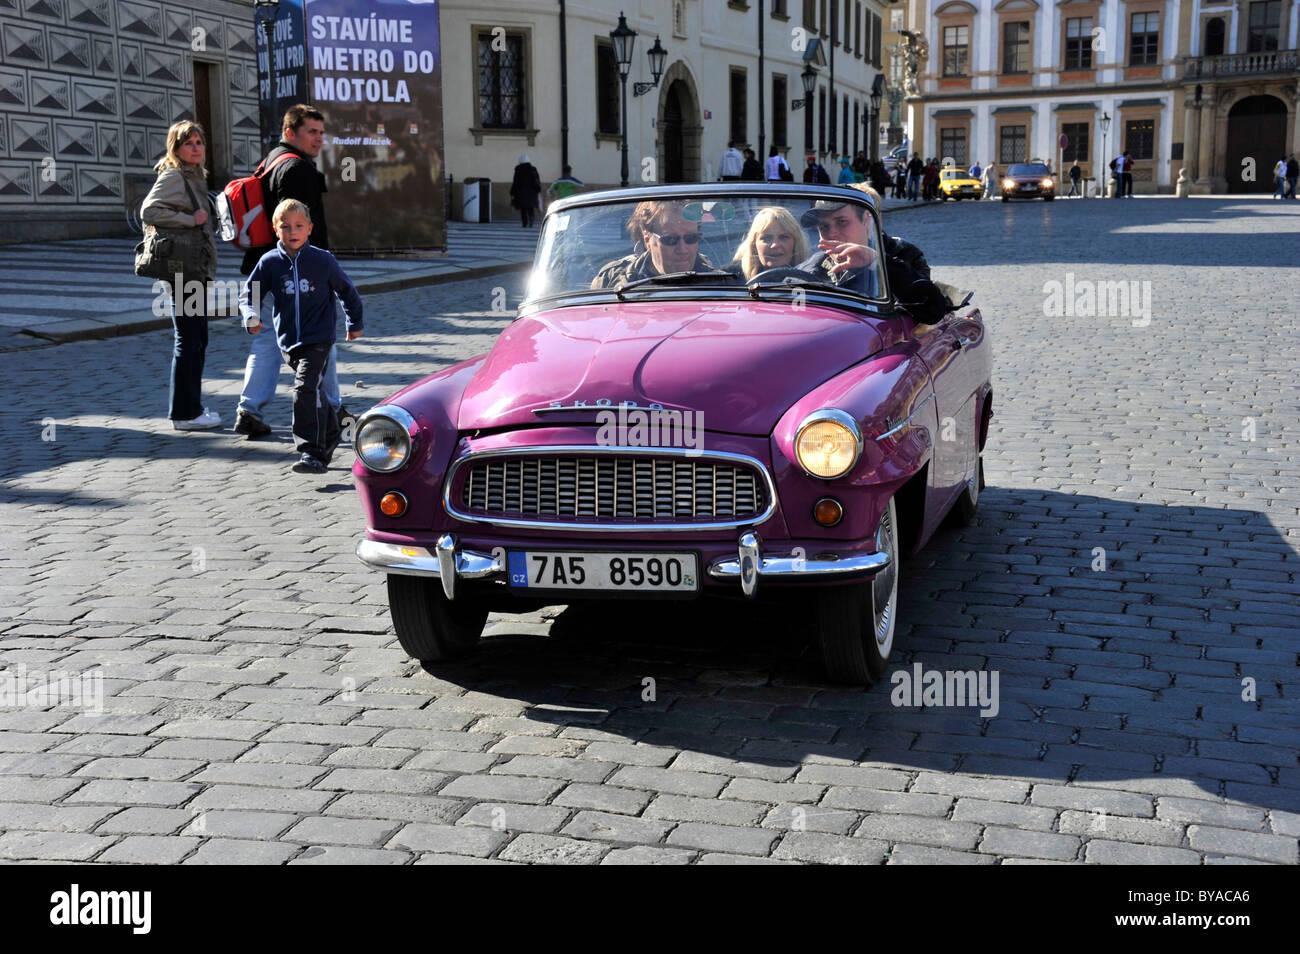 Skoda Felicia classic car of 1960, Hradcany Square, Prague Castle, Prague, Bohemia, Czech Republic, Europe - Stock Image